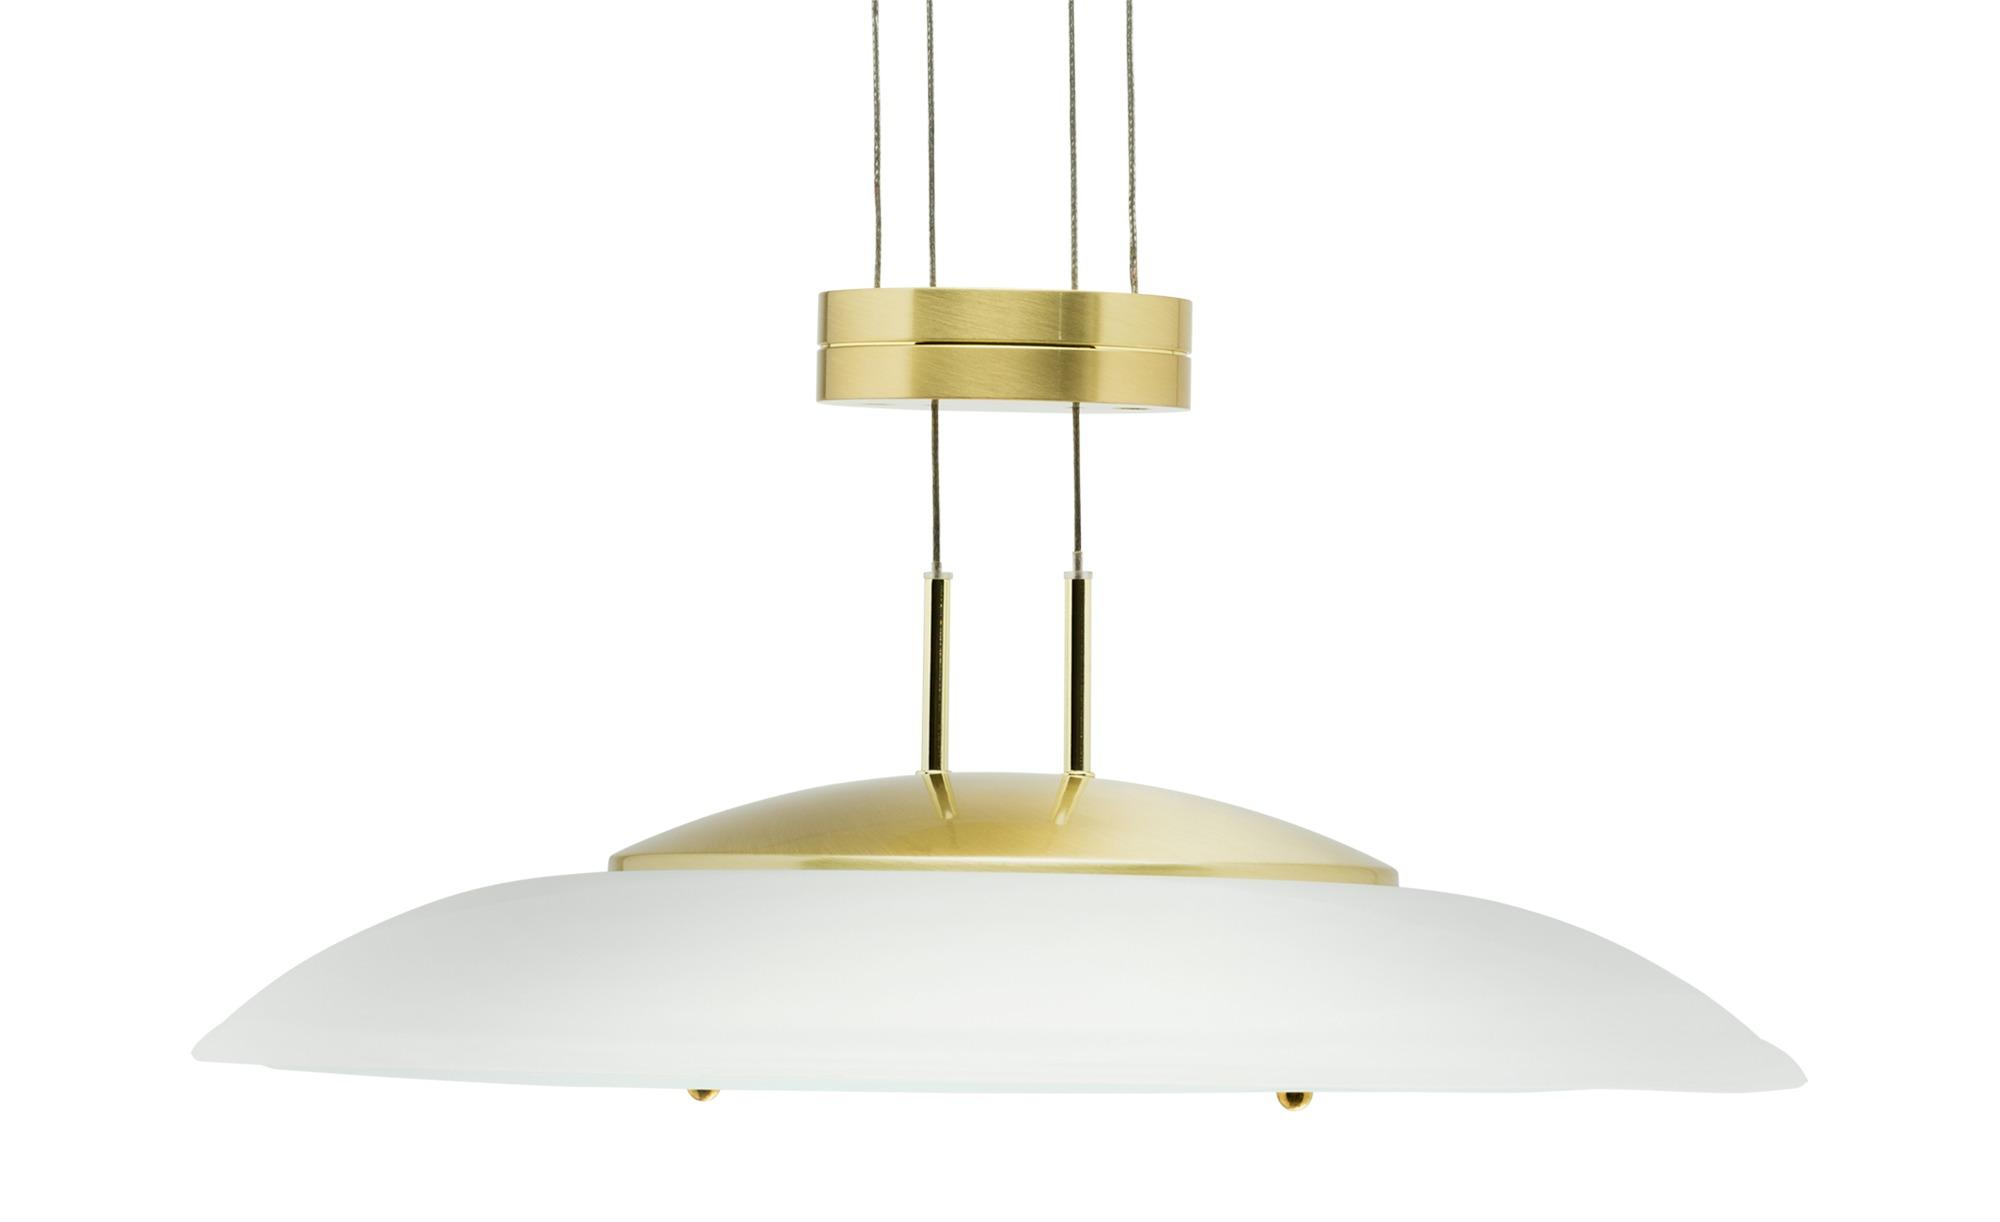 LED-Pendelleuchte mit Schirm aus Milchglas ¦ goldØ: [42.0] Lampen & Leuchten > LED-Leuchten > LED-Pendelleuchten - Höffner